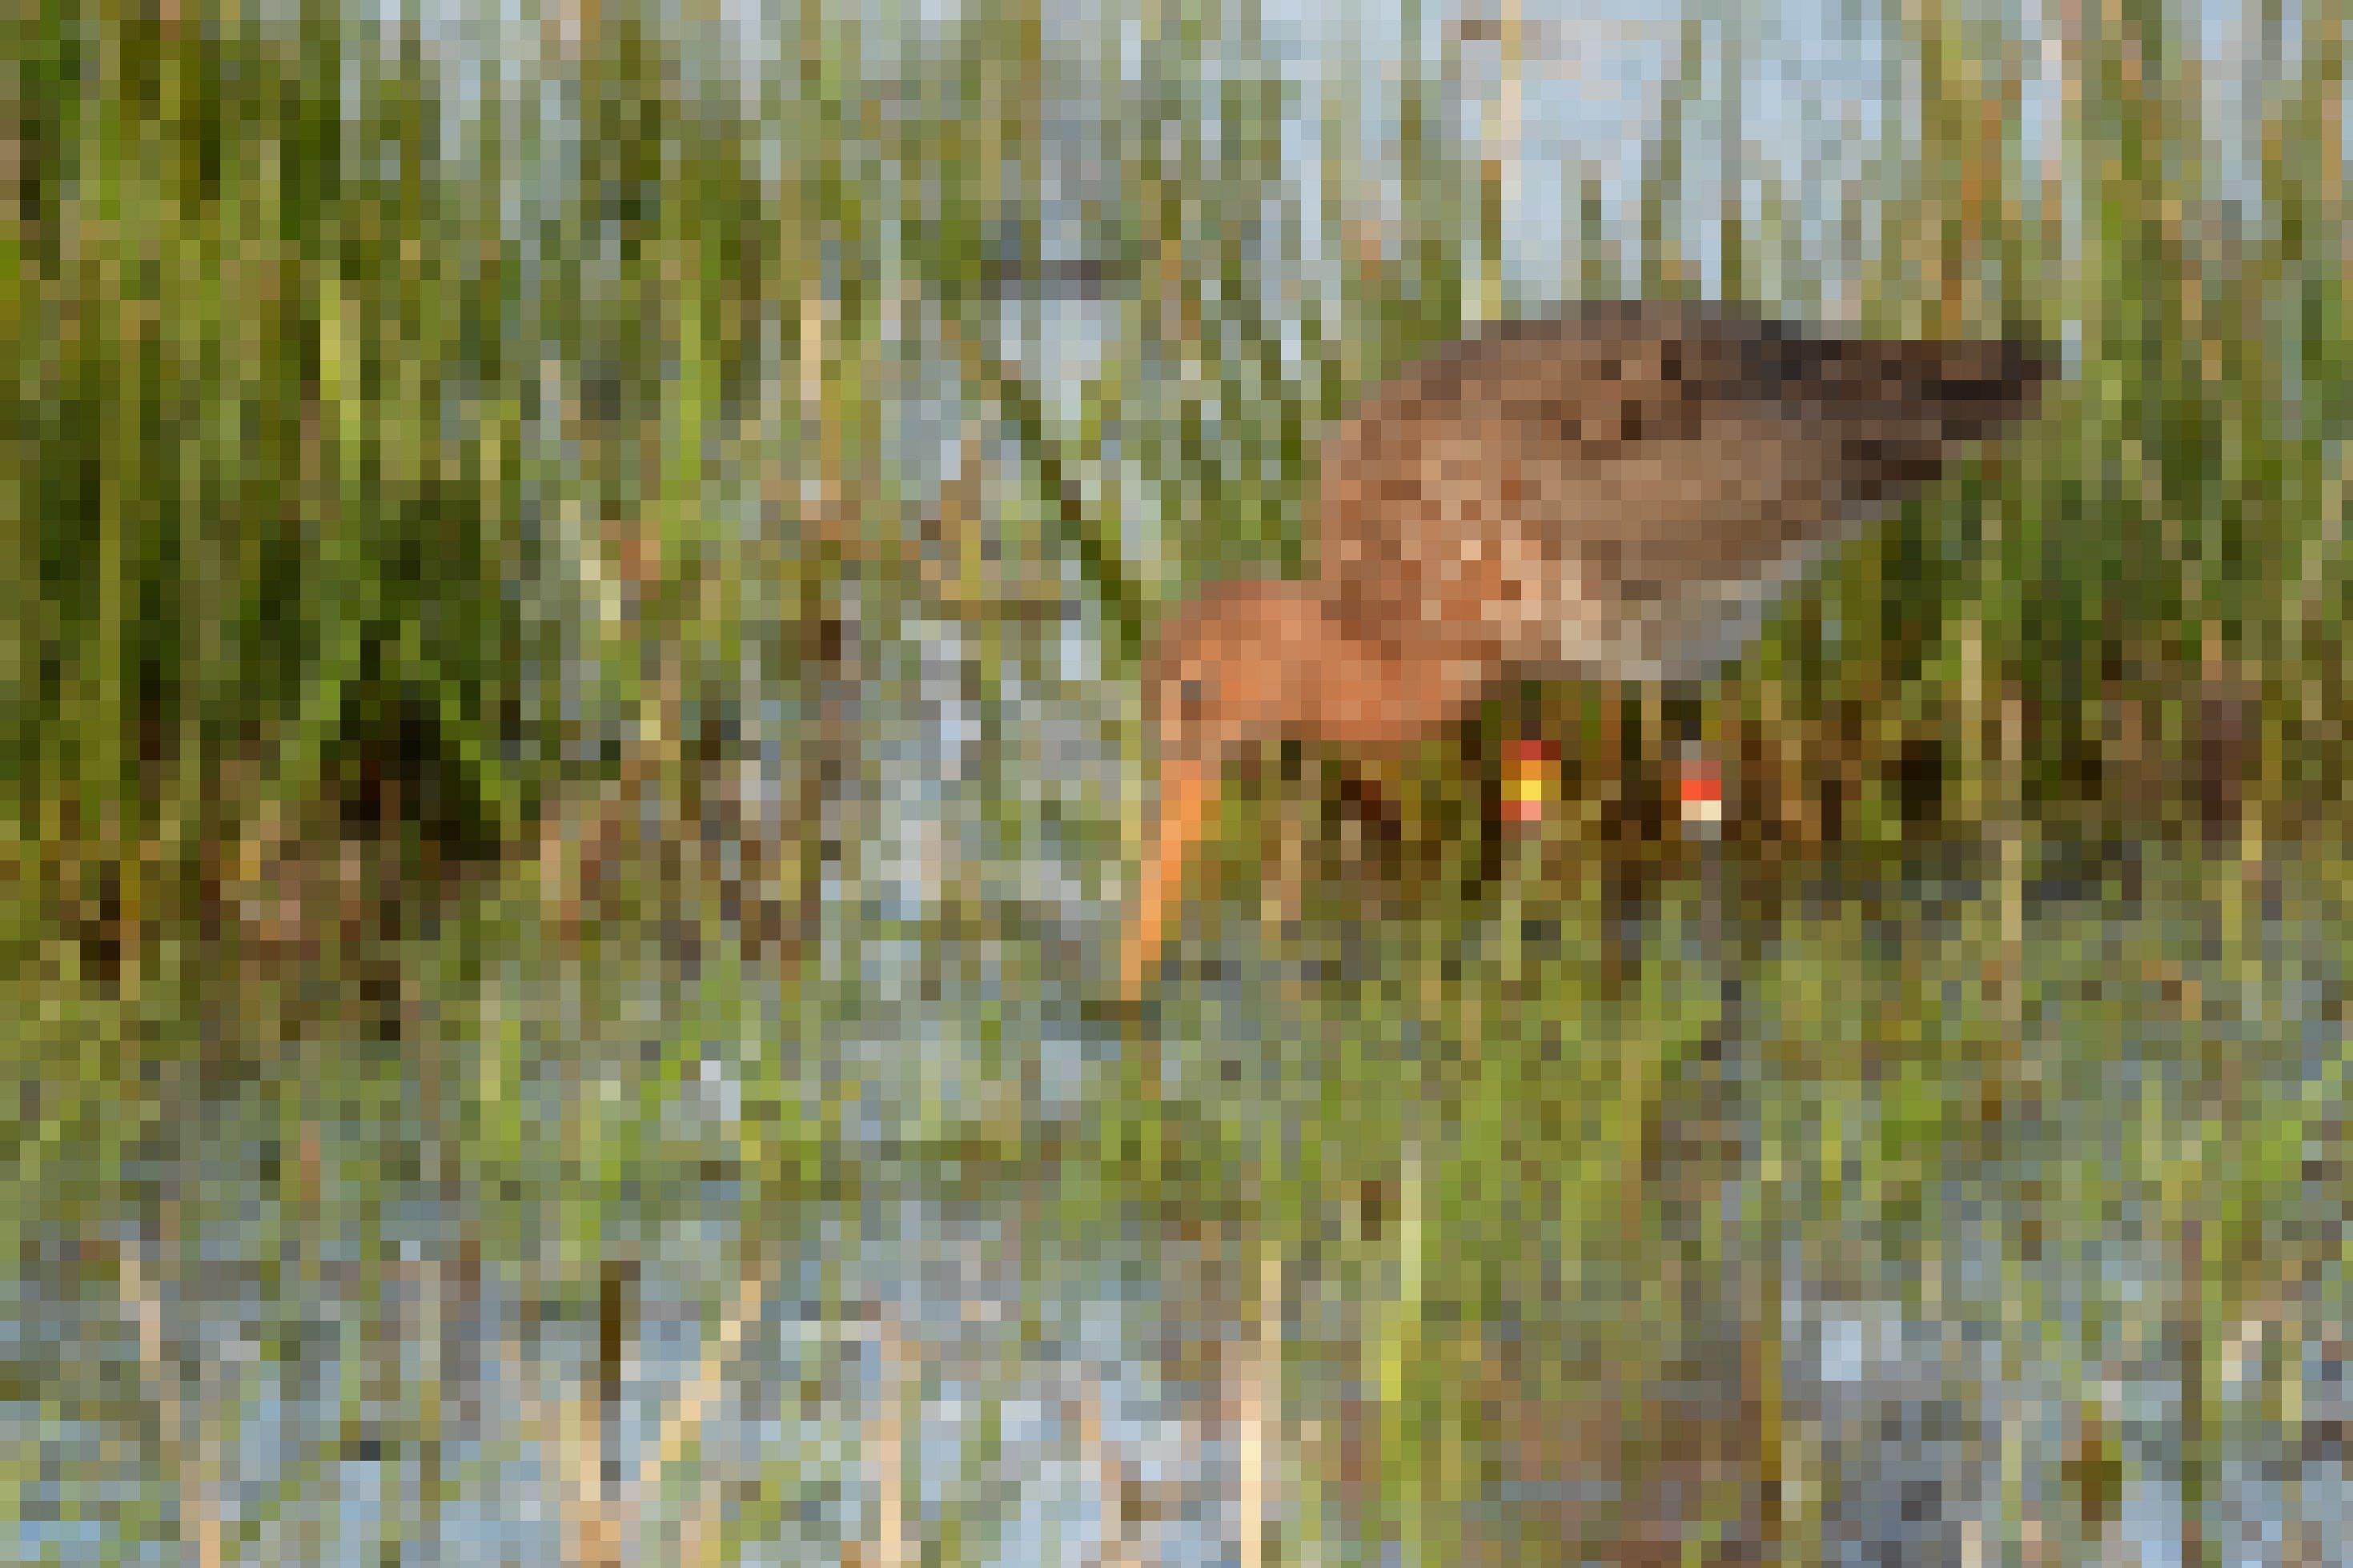 Foto einer Uferschnepfe im Wasser. Sie steht im Schilf und hält die Schnabelspitze im Wasser. An ihren Beinen befinden sich mehrere bunte Ringe.